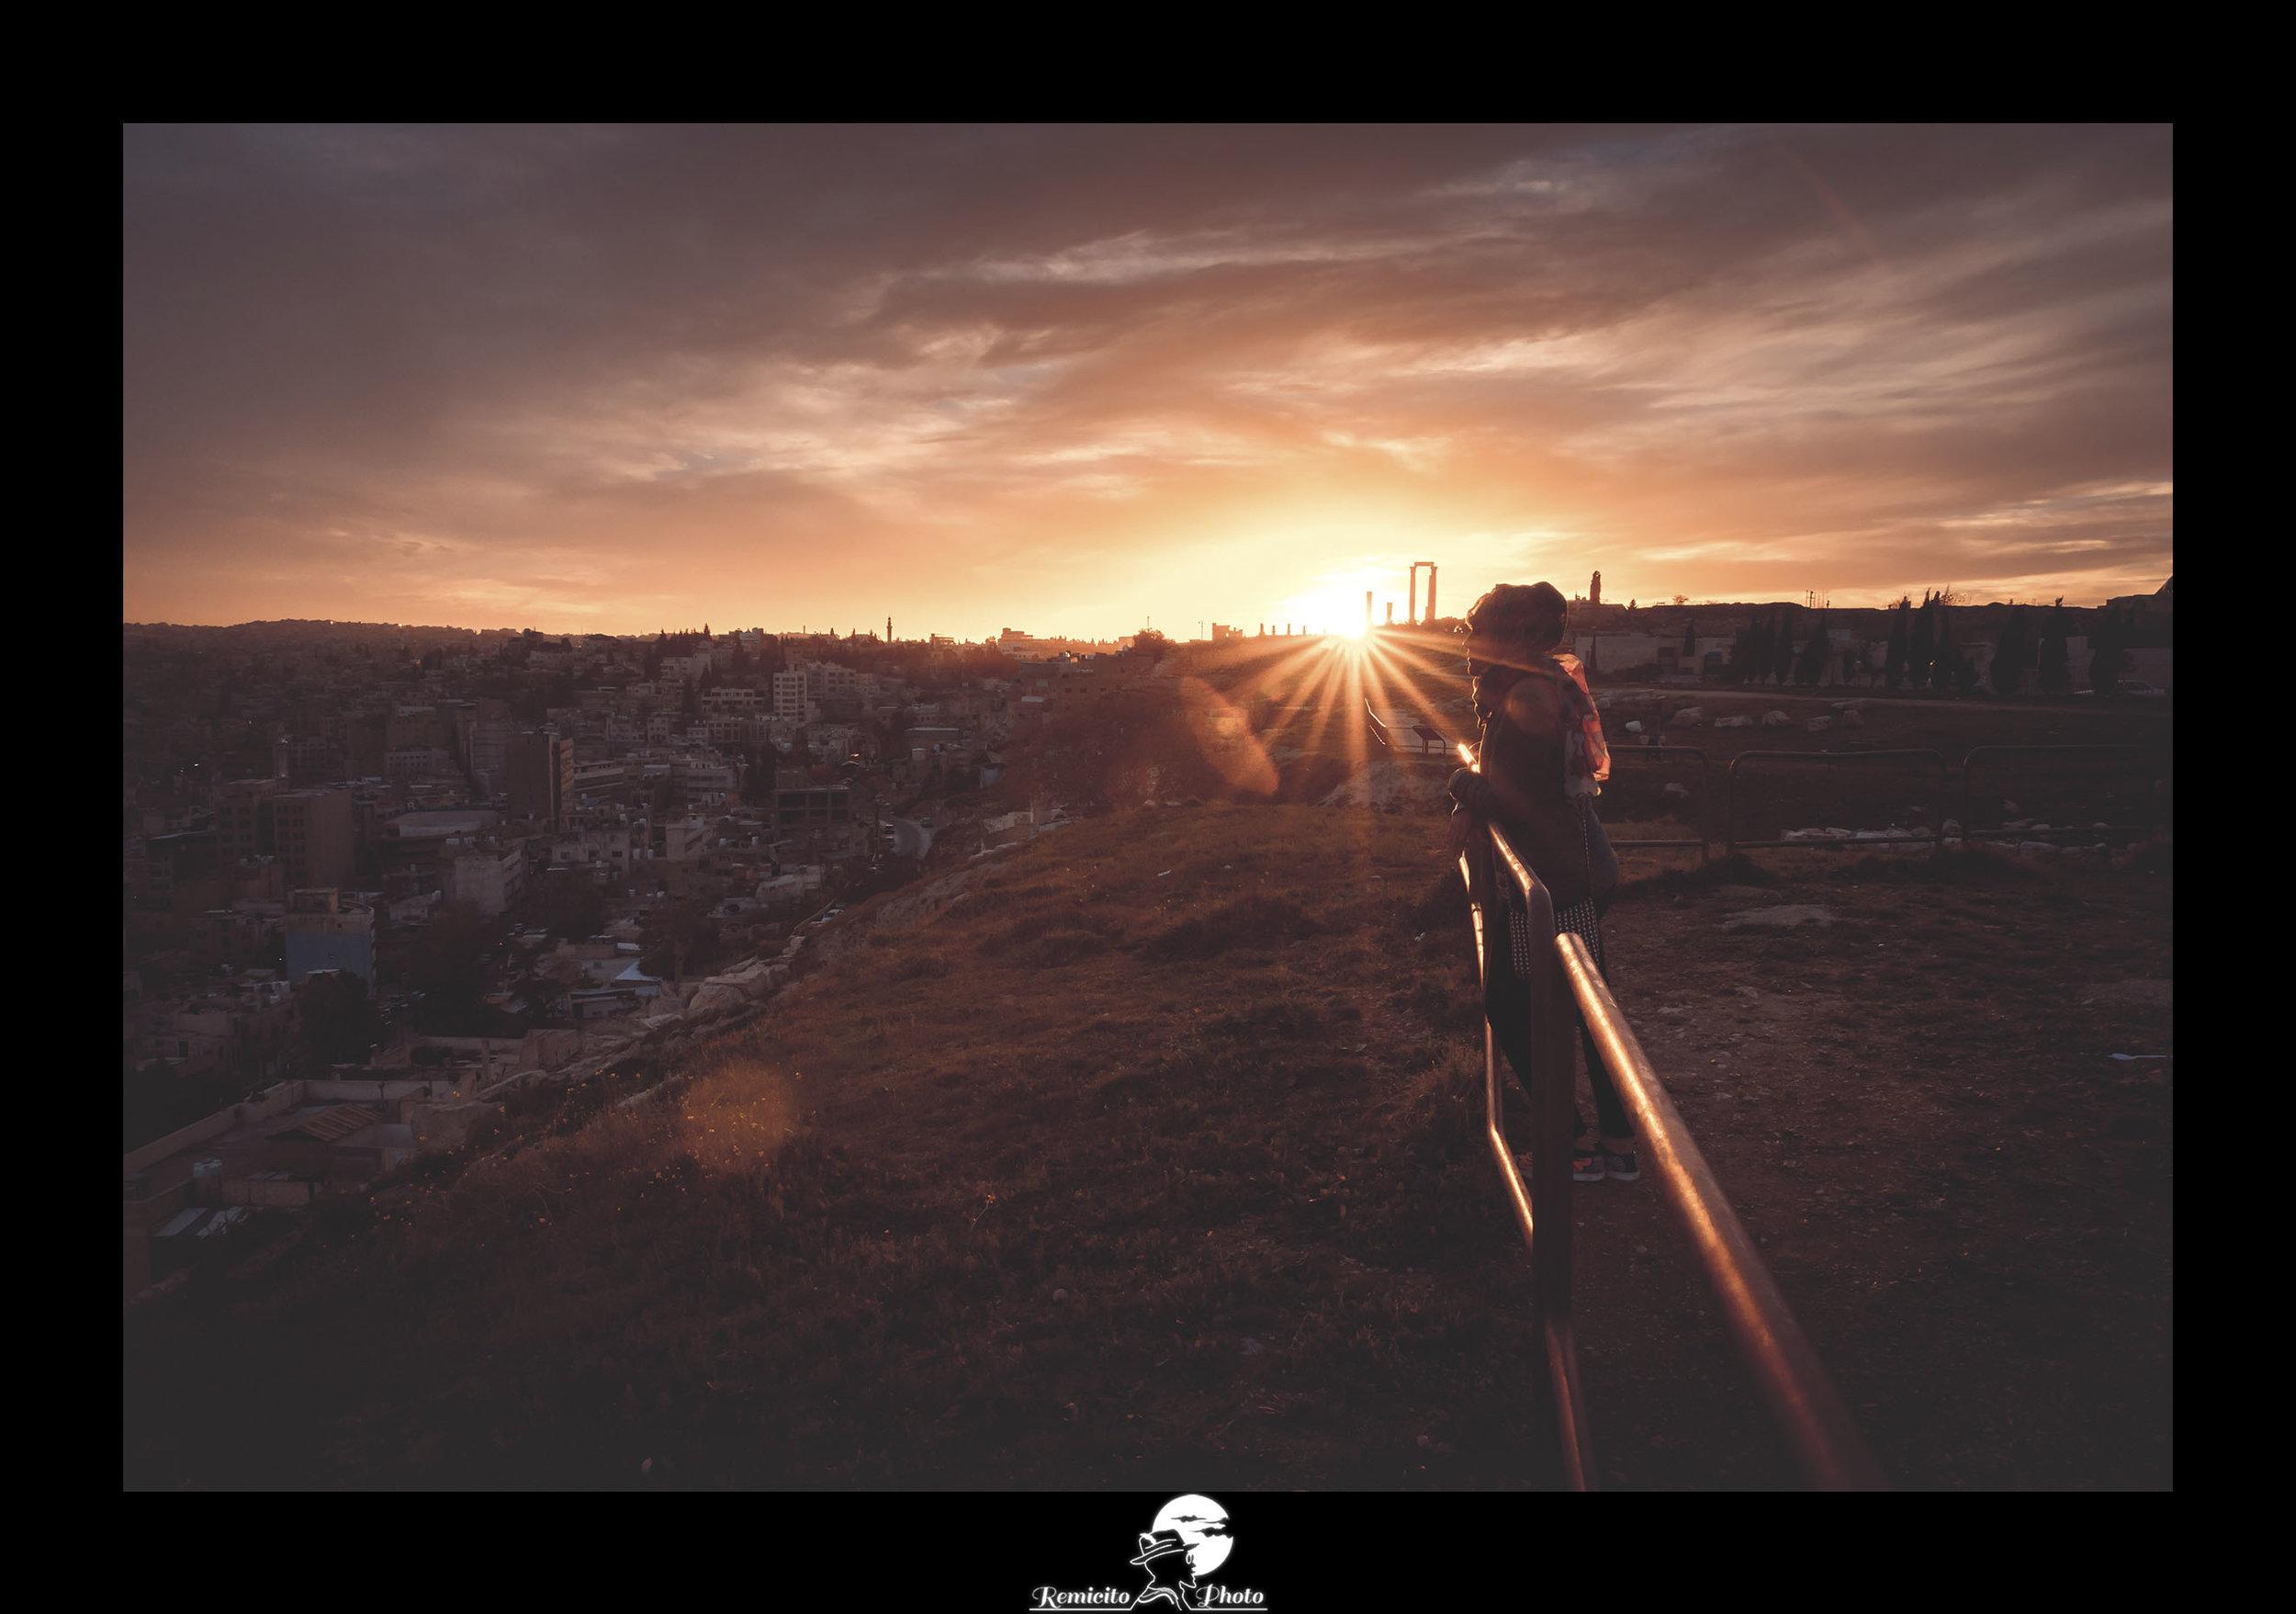 remicito, photoclub paris val-de-bièvres, remicito rémi lacombe, amman jordanie remicito coucher de soleil, belle photo cadeau coucher de soleil